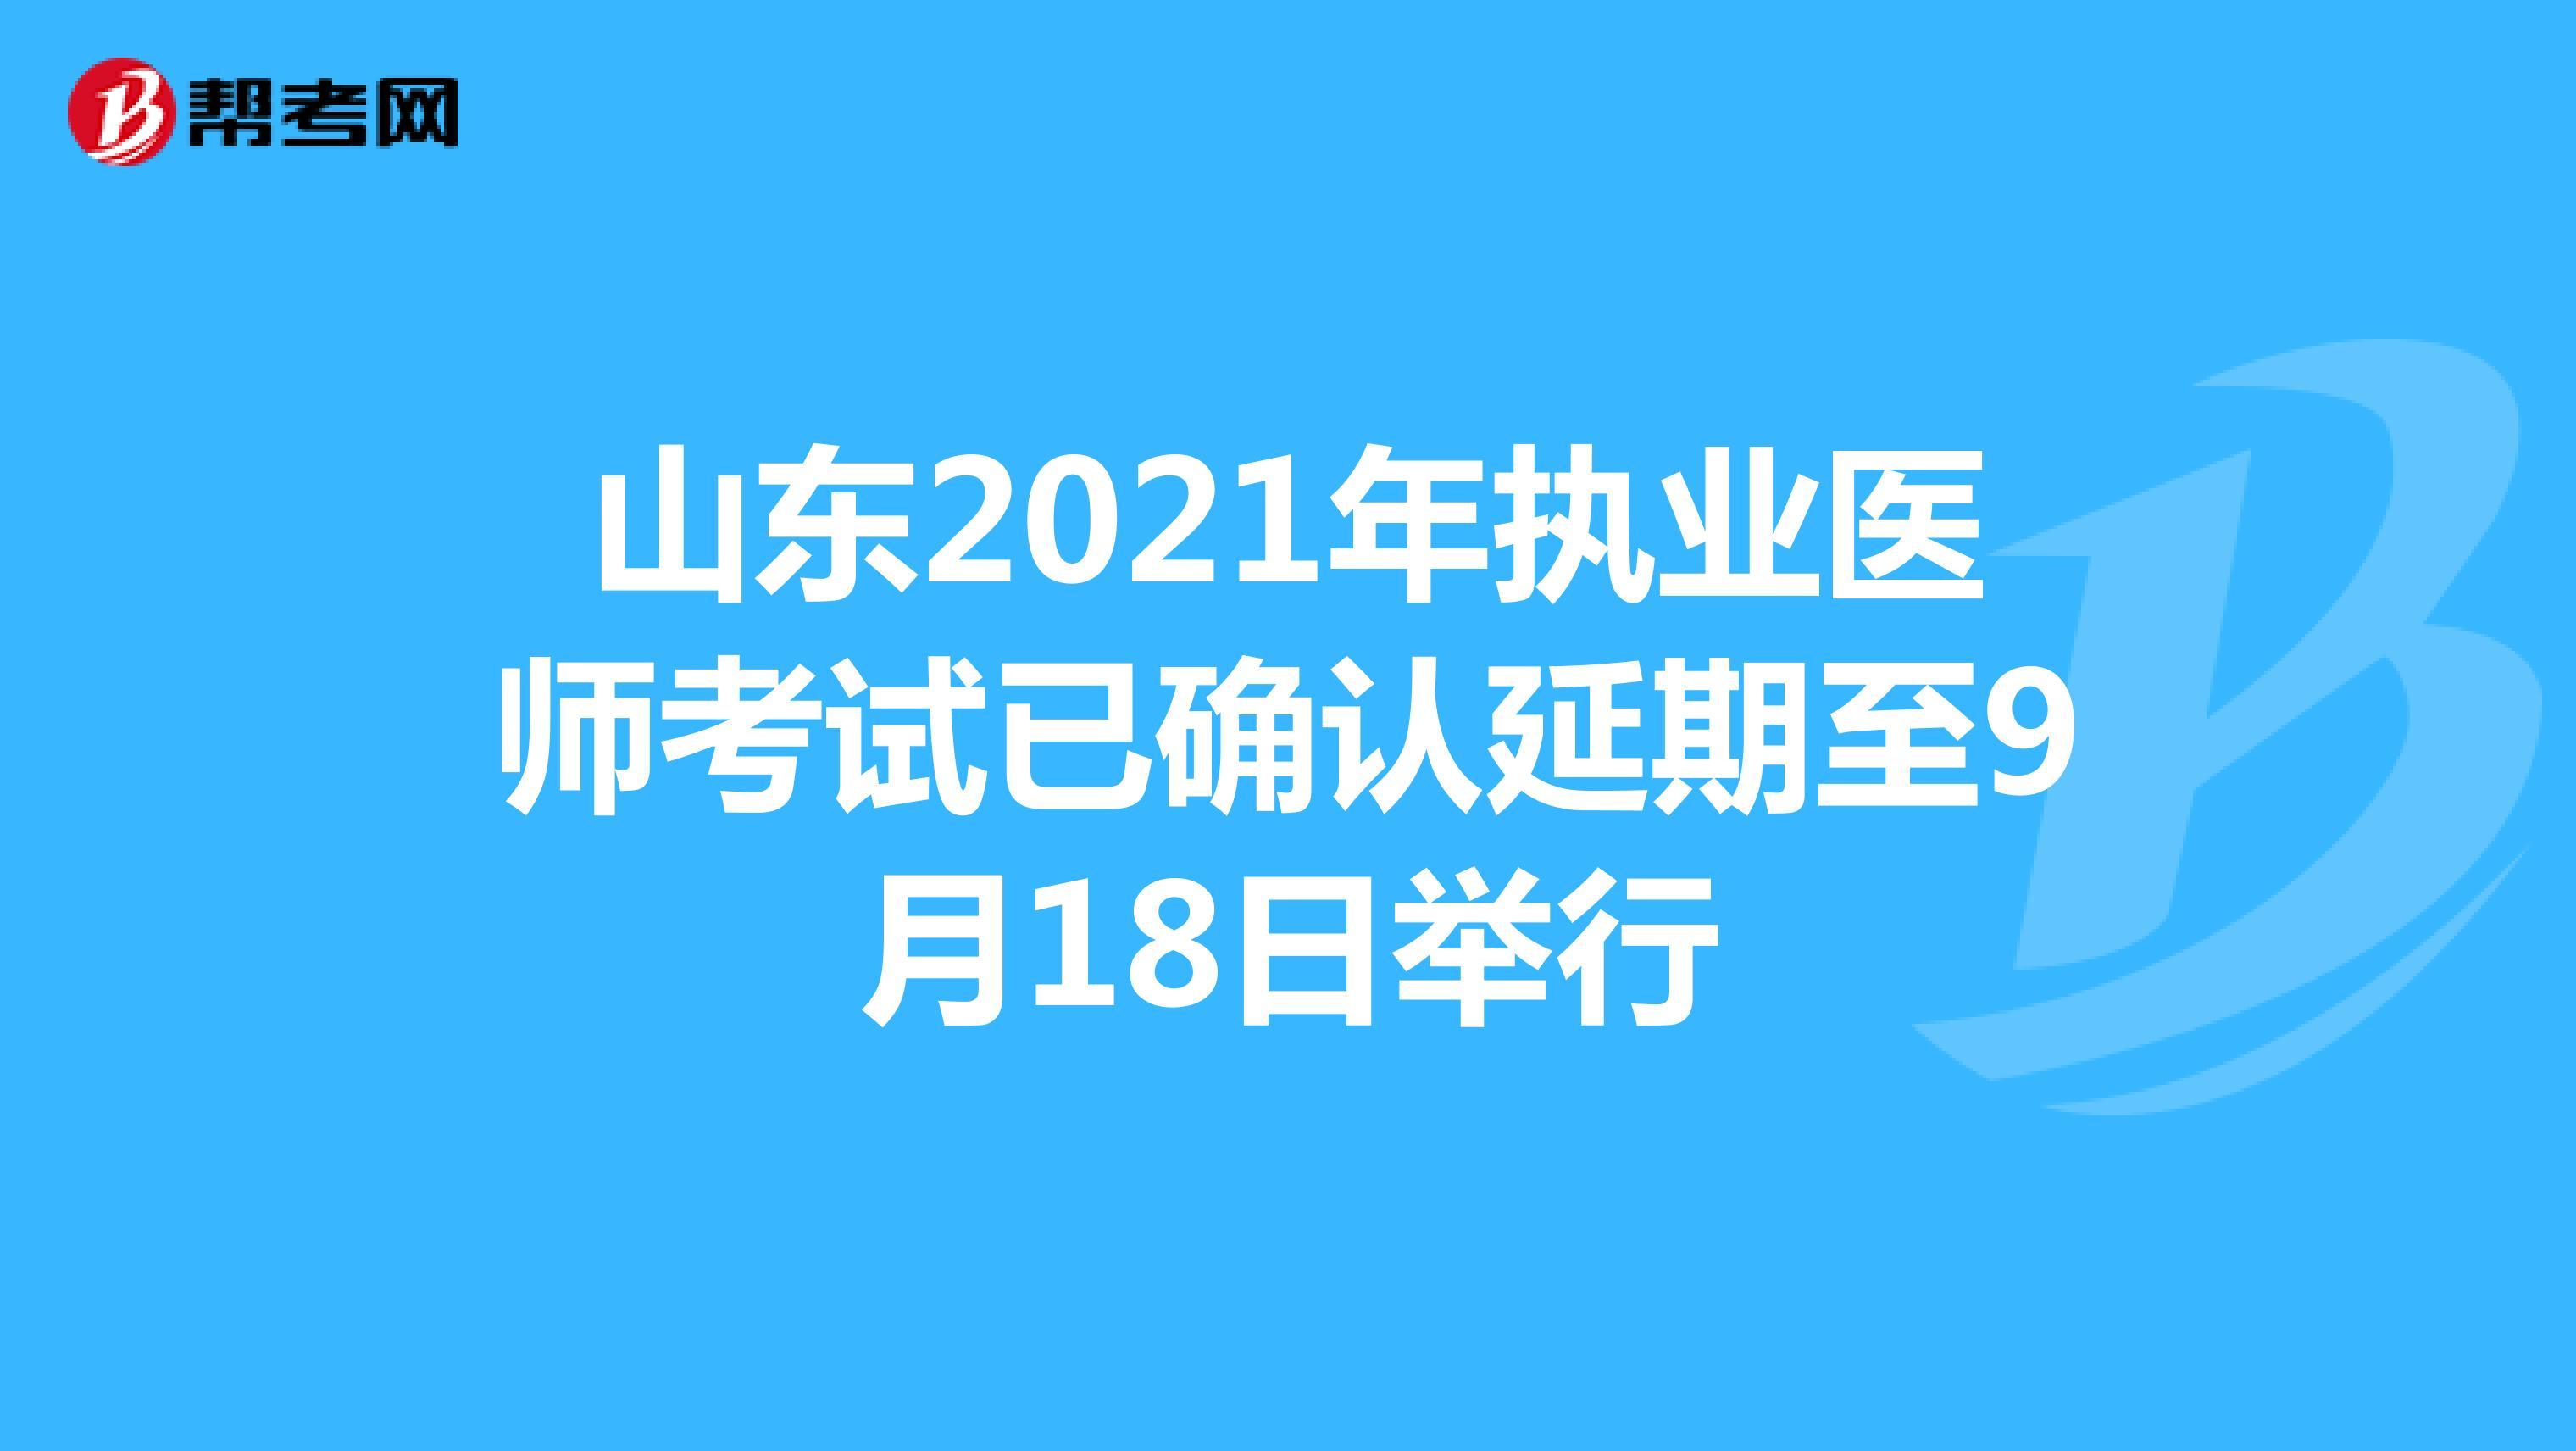 山东2021年执业医师考试已确认延期至9月18日举行